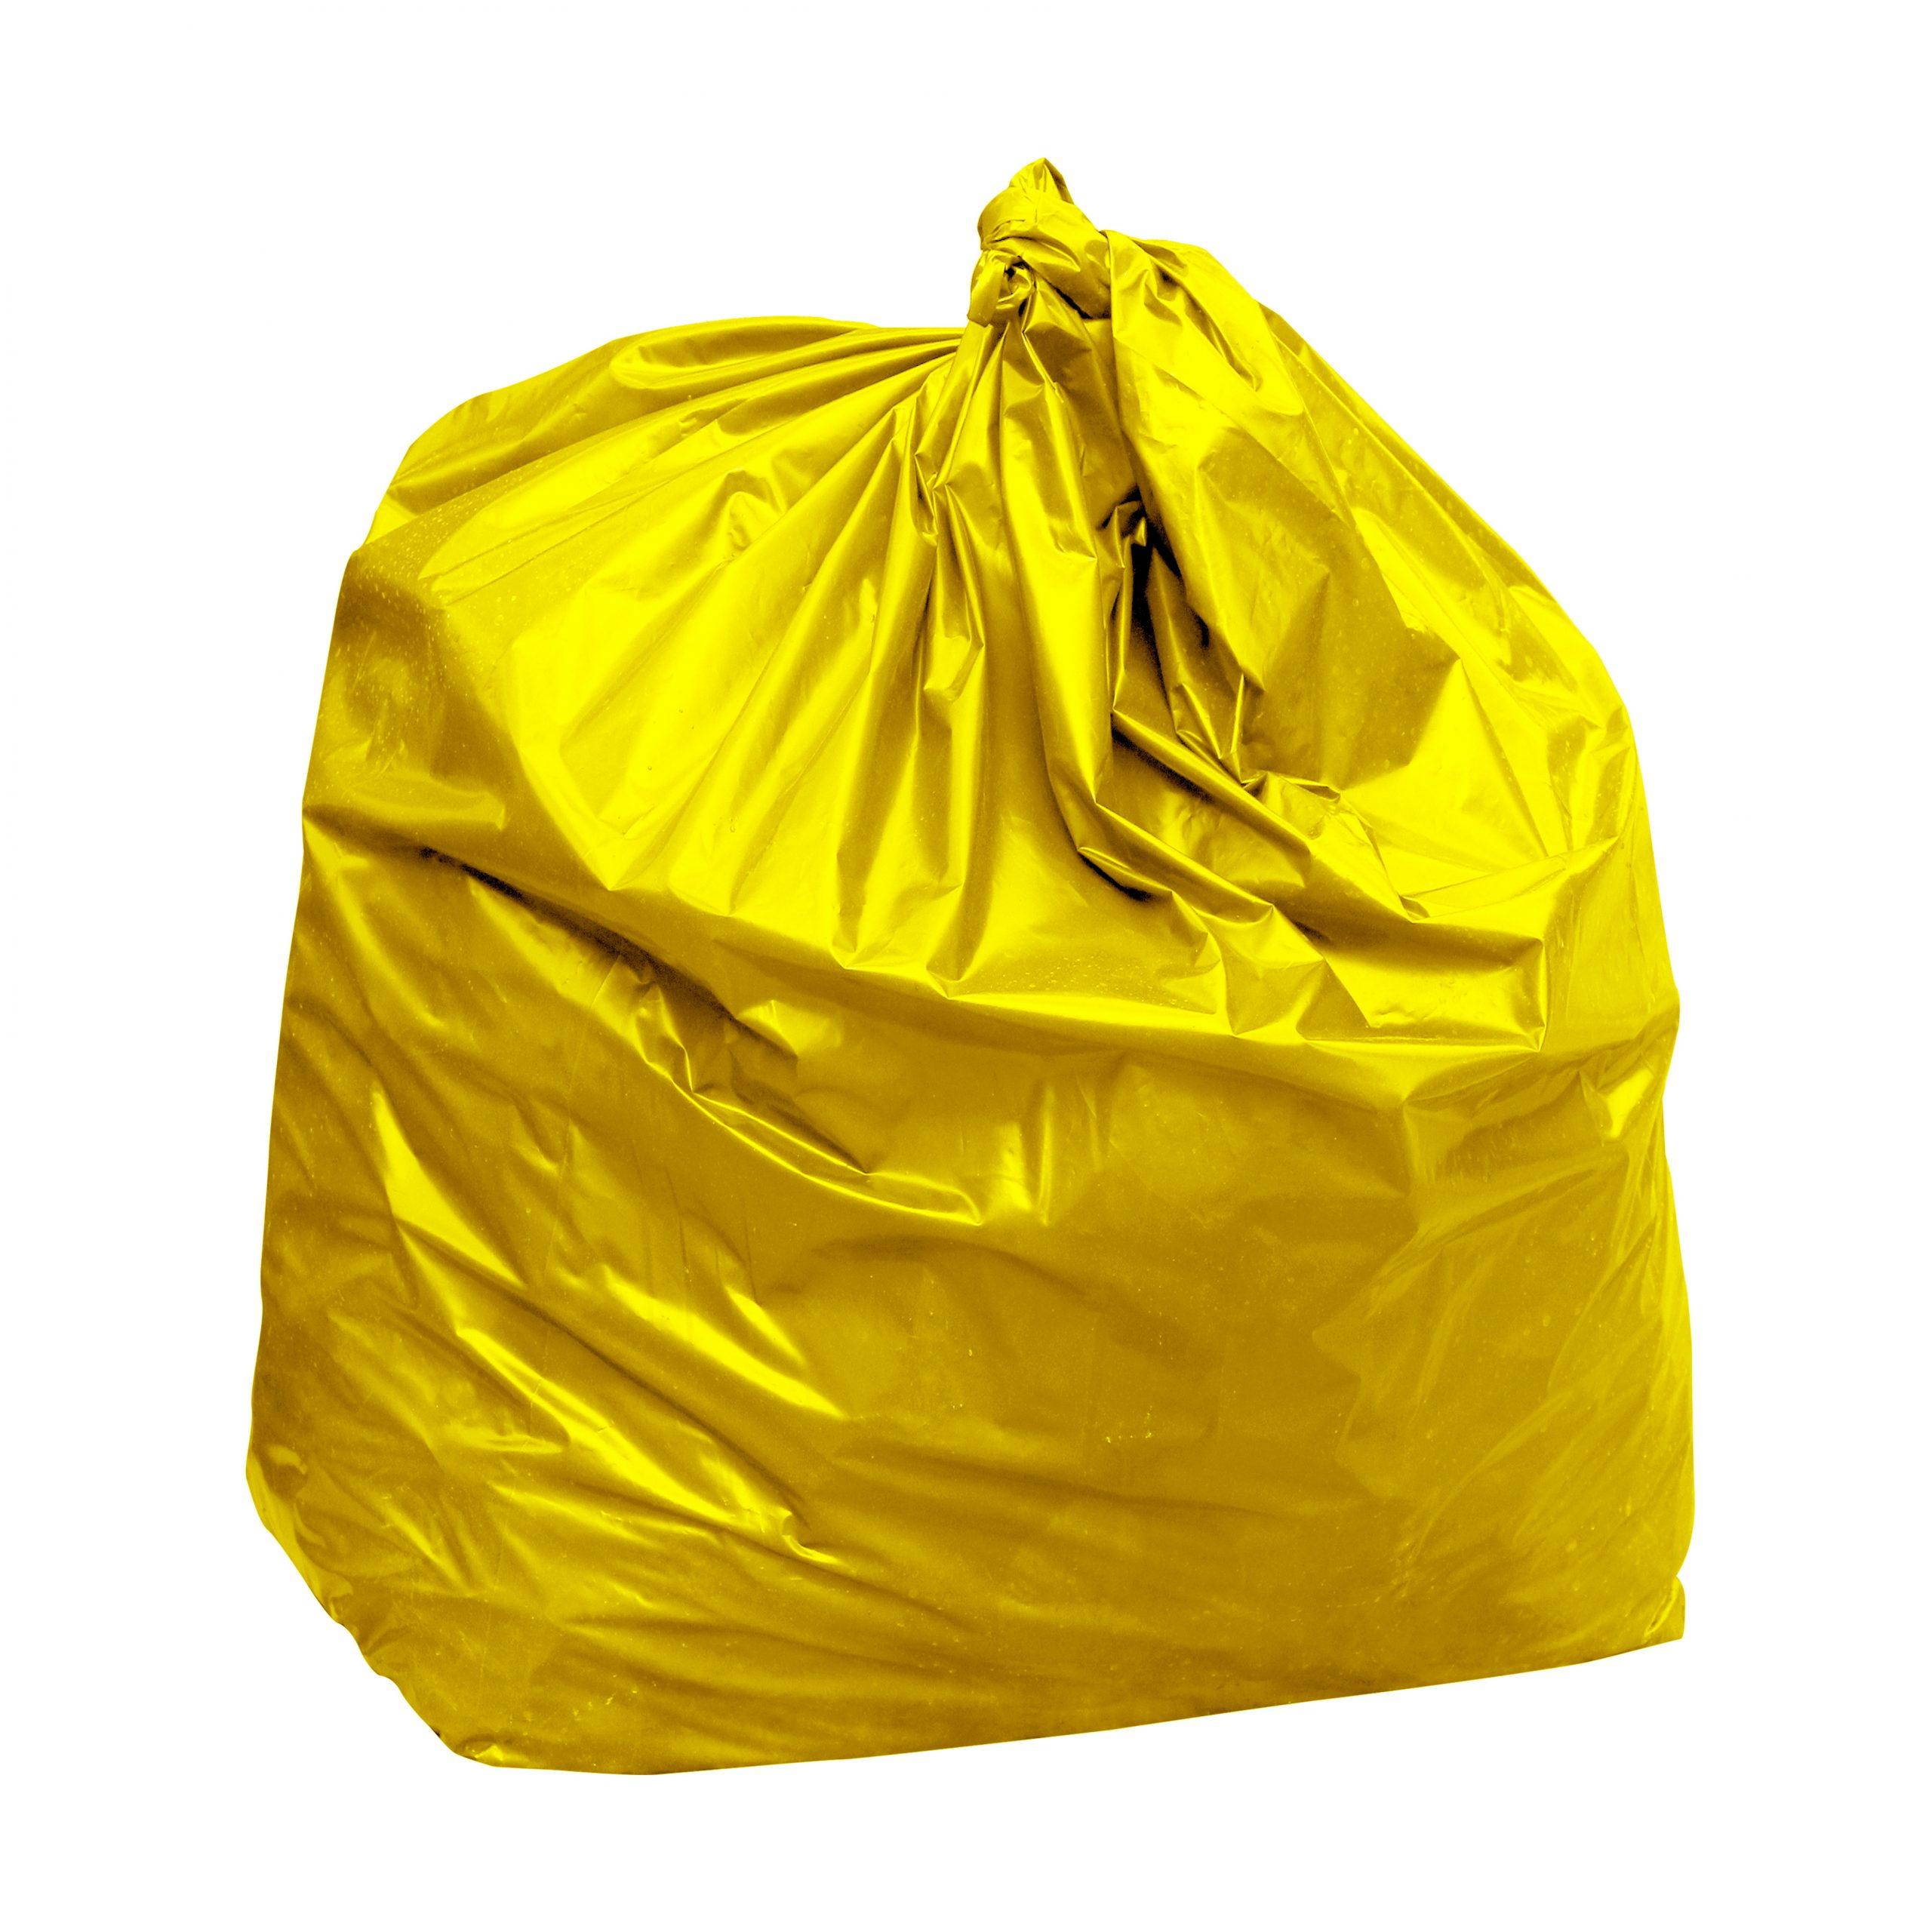 Yellow bin bags